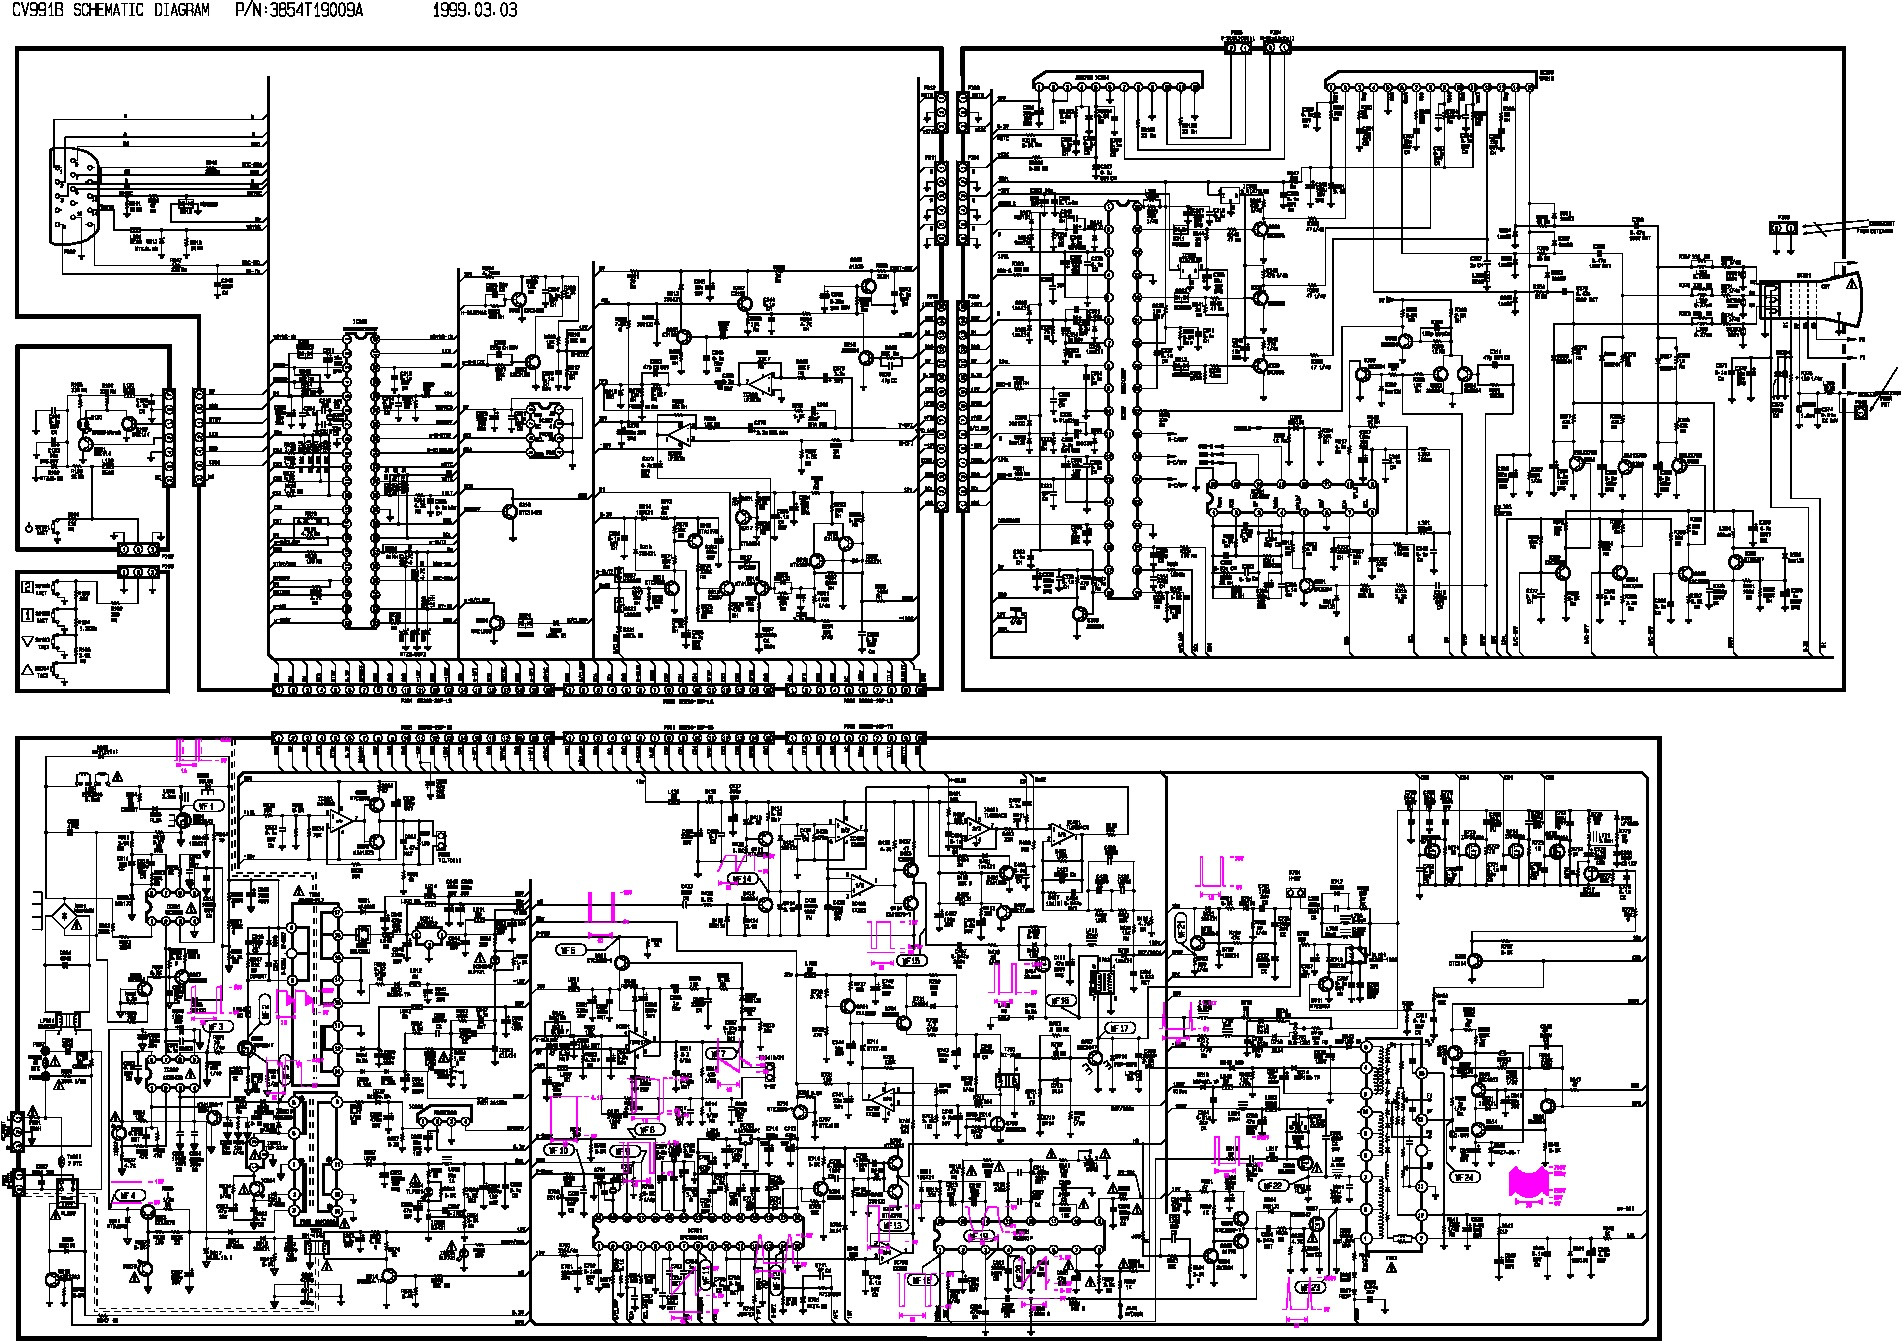 viewsonic_e790b-vcdts21466-1-cv991b.pdf